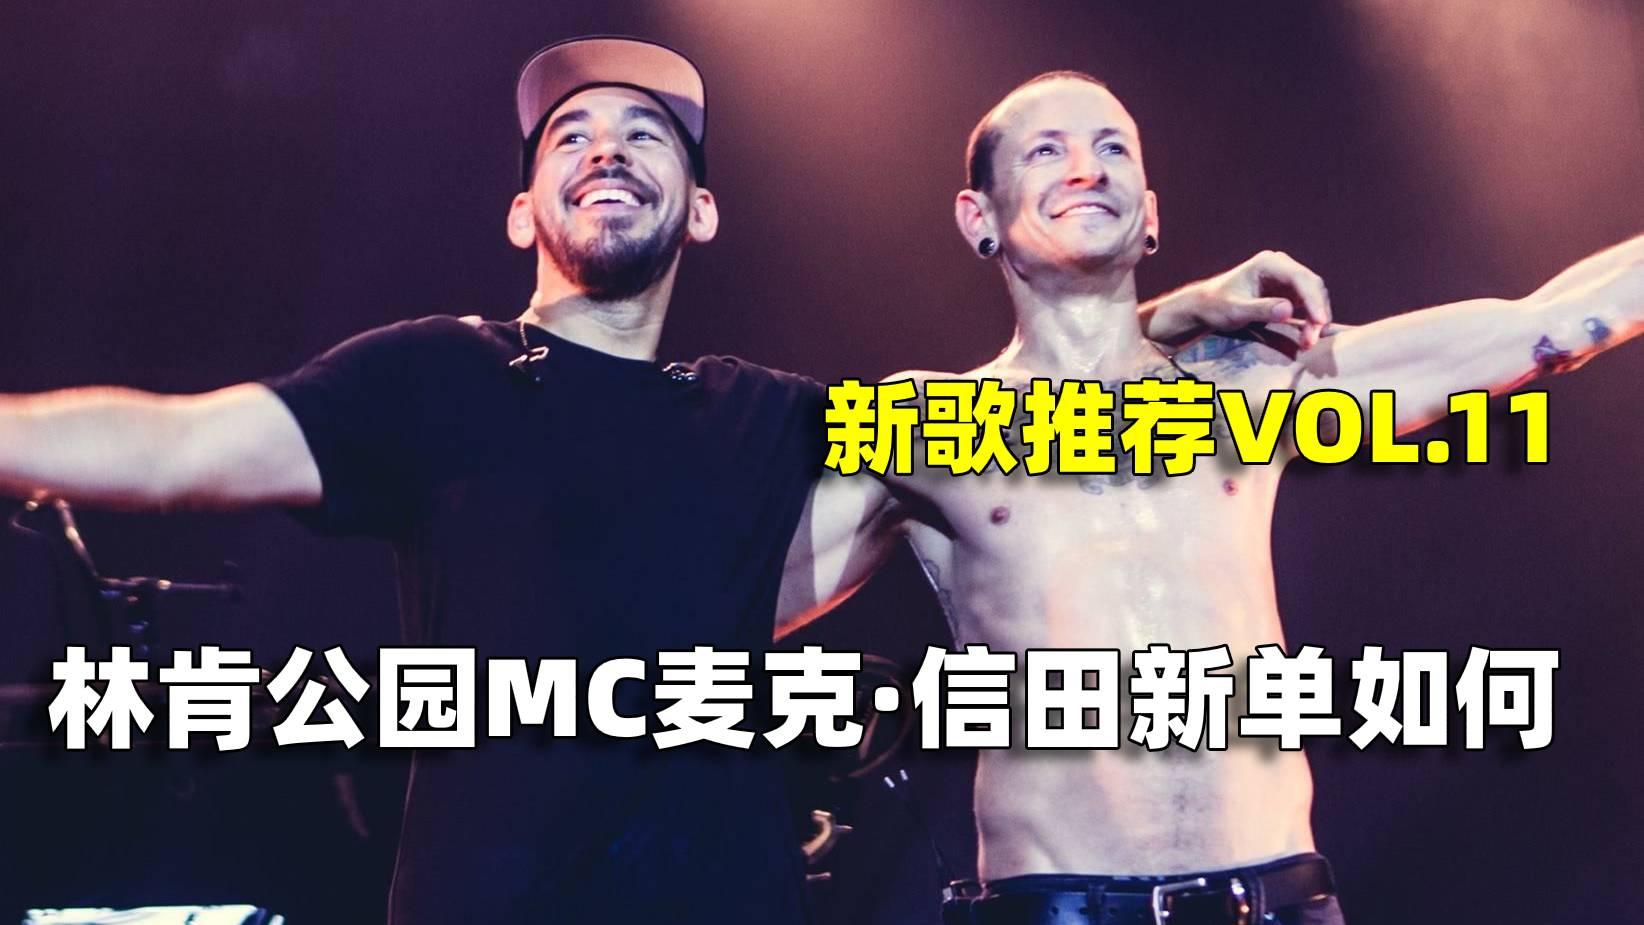 【新歌推荐VOL.11】林肯公园MC麦克·信田Mike Shinoda新单如何